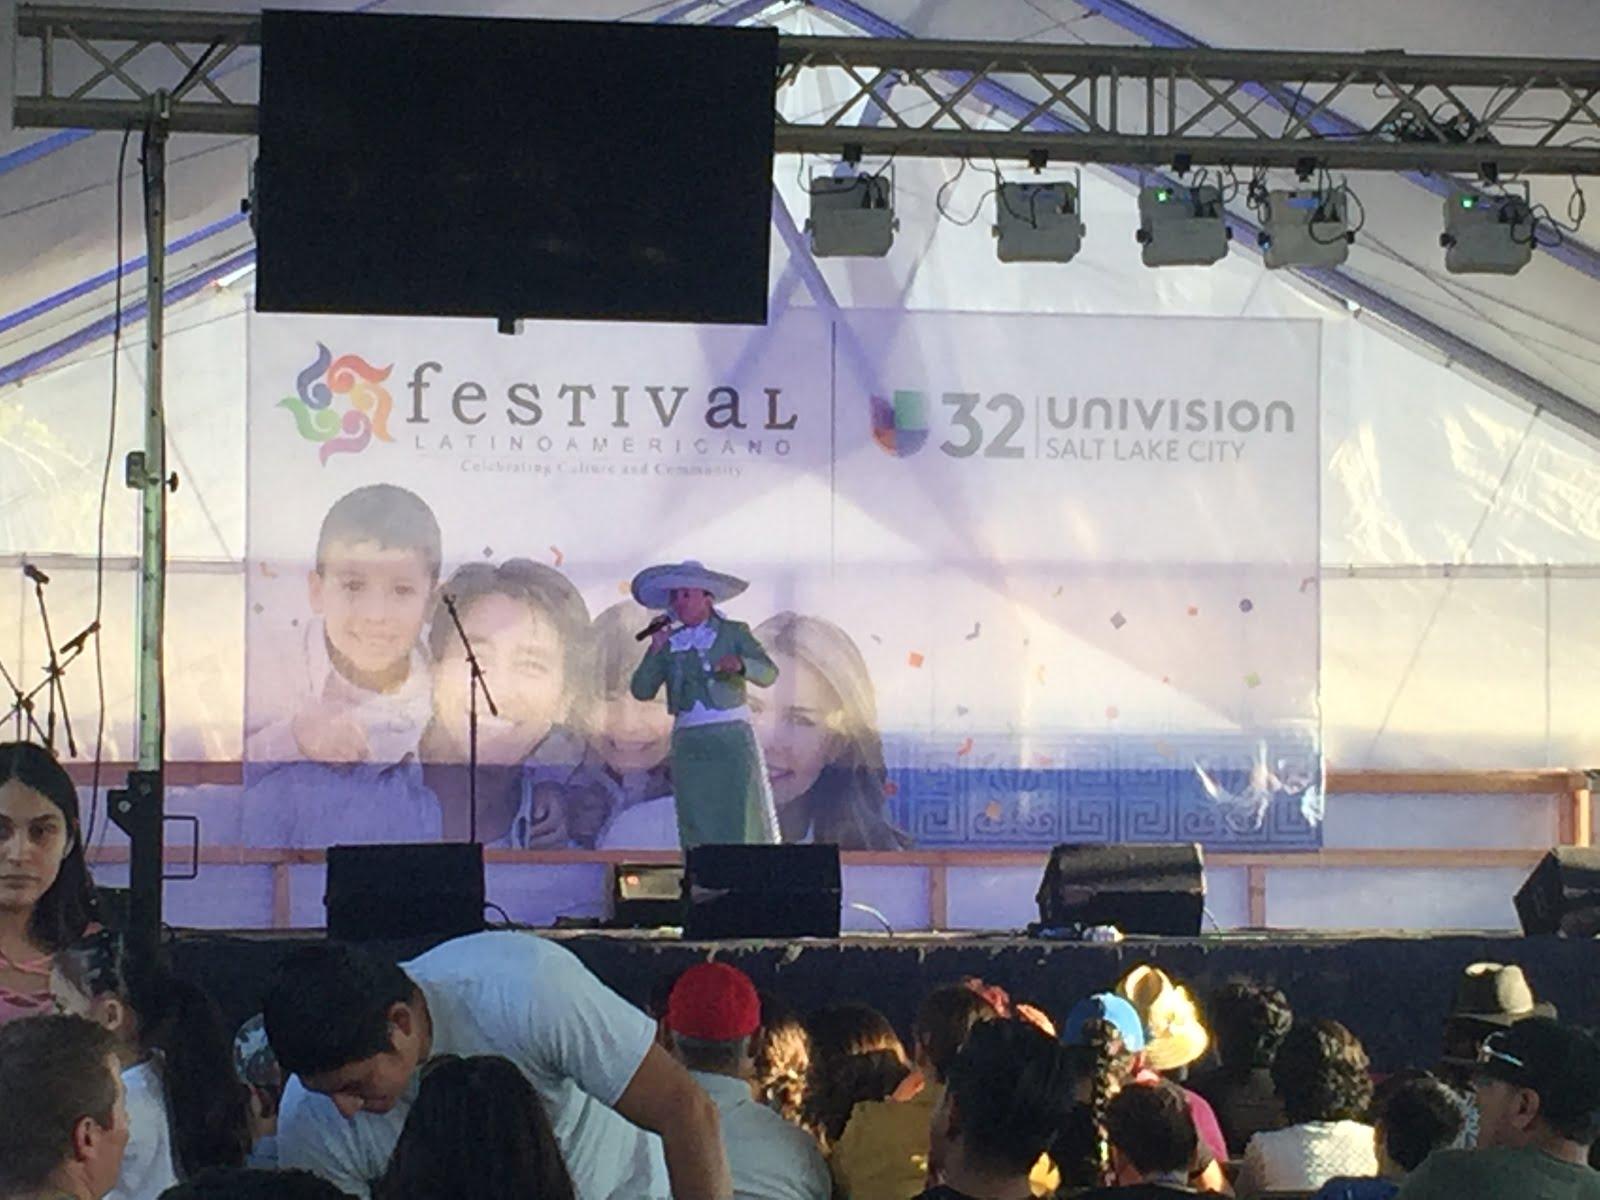 Festival Latinoamericano 2017